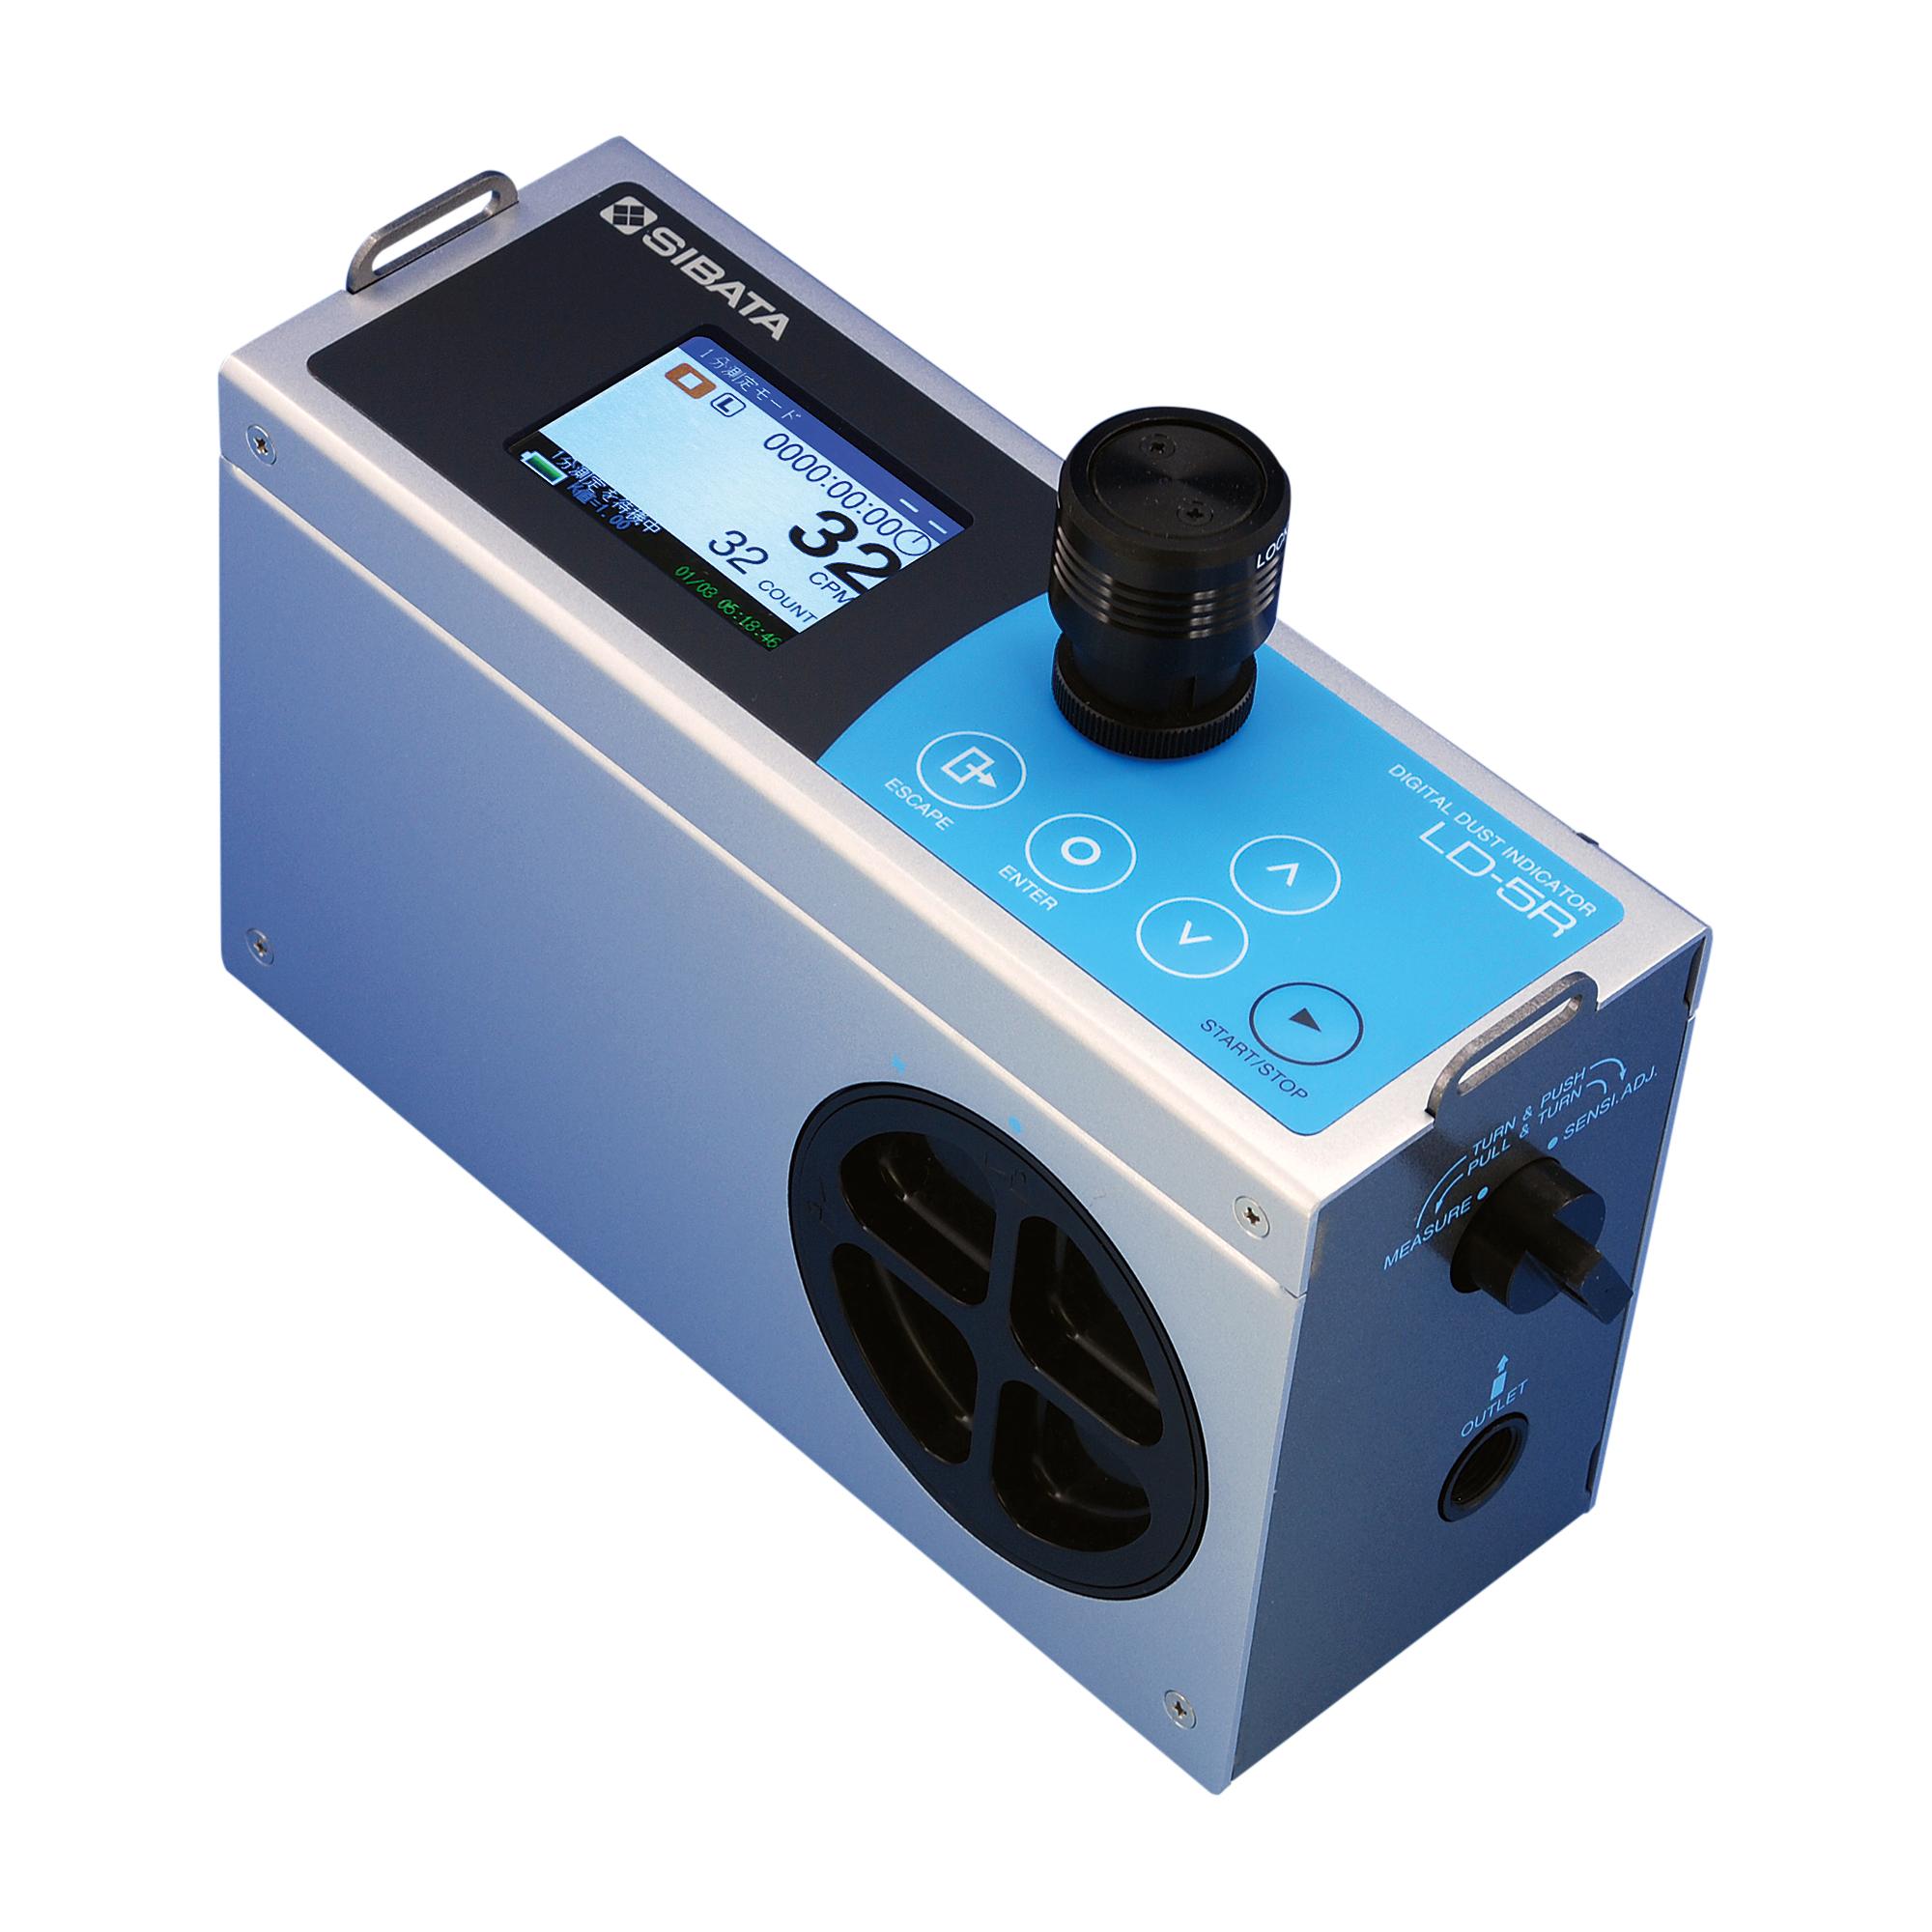 デジタル粉じん計(粉塵計) LD-5R型